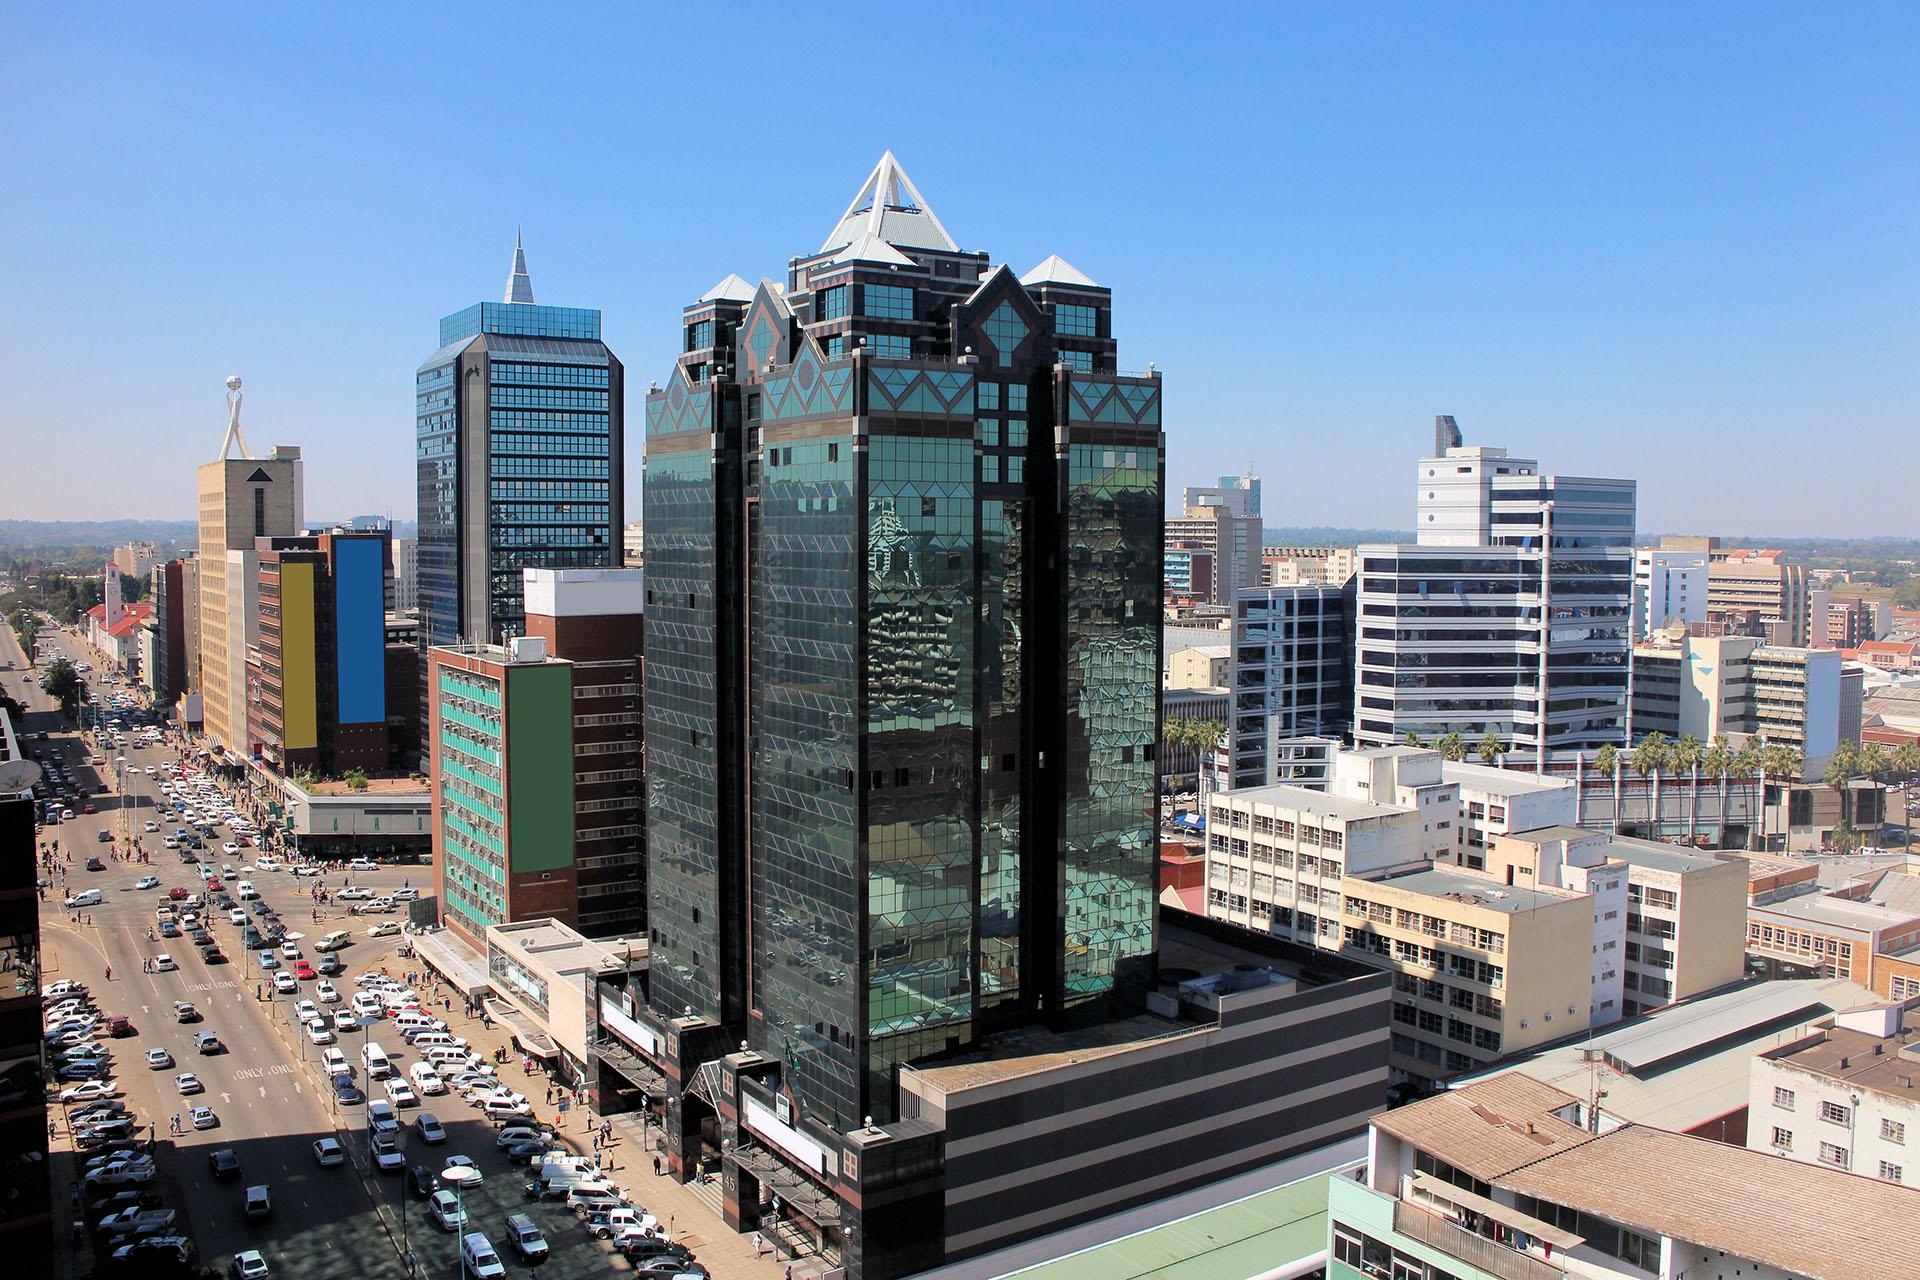 La capital de Zimbabwe es la más poblada del país. Rodeada de altos edificios, son muchos los factores que determinaron que esta ciudad se encuentre en las menos habitables,como la inseguridad